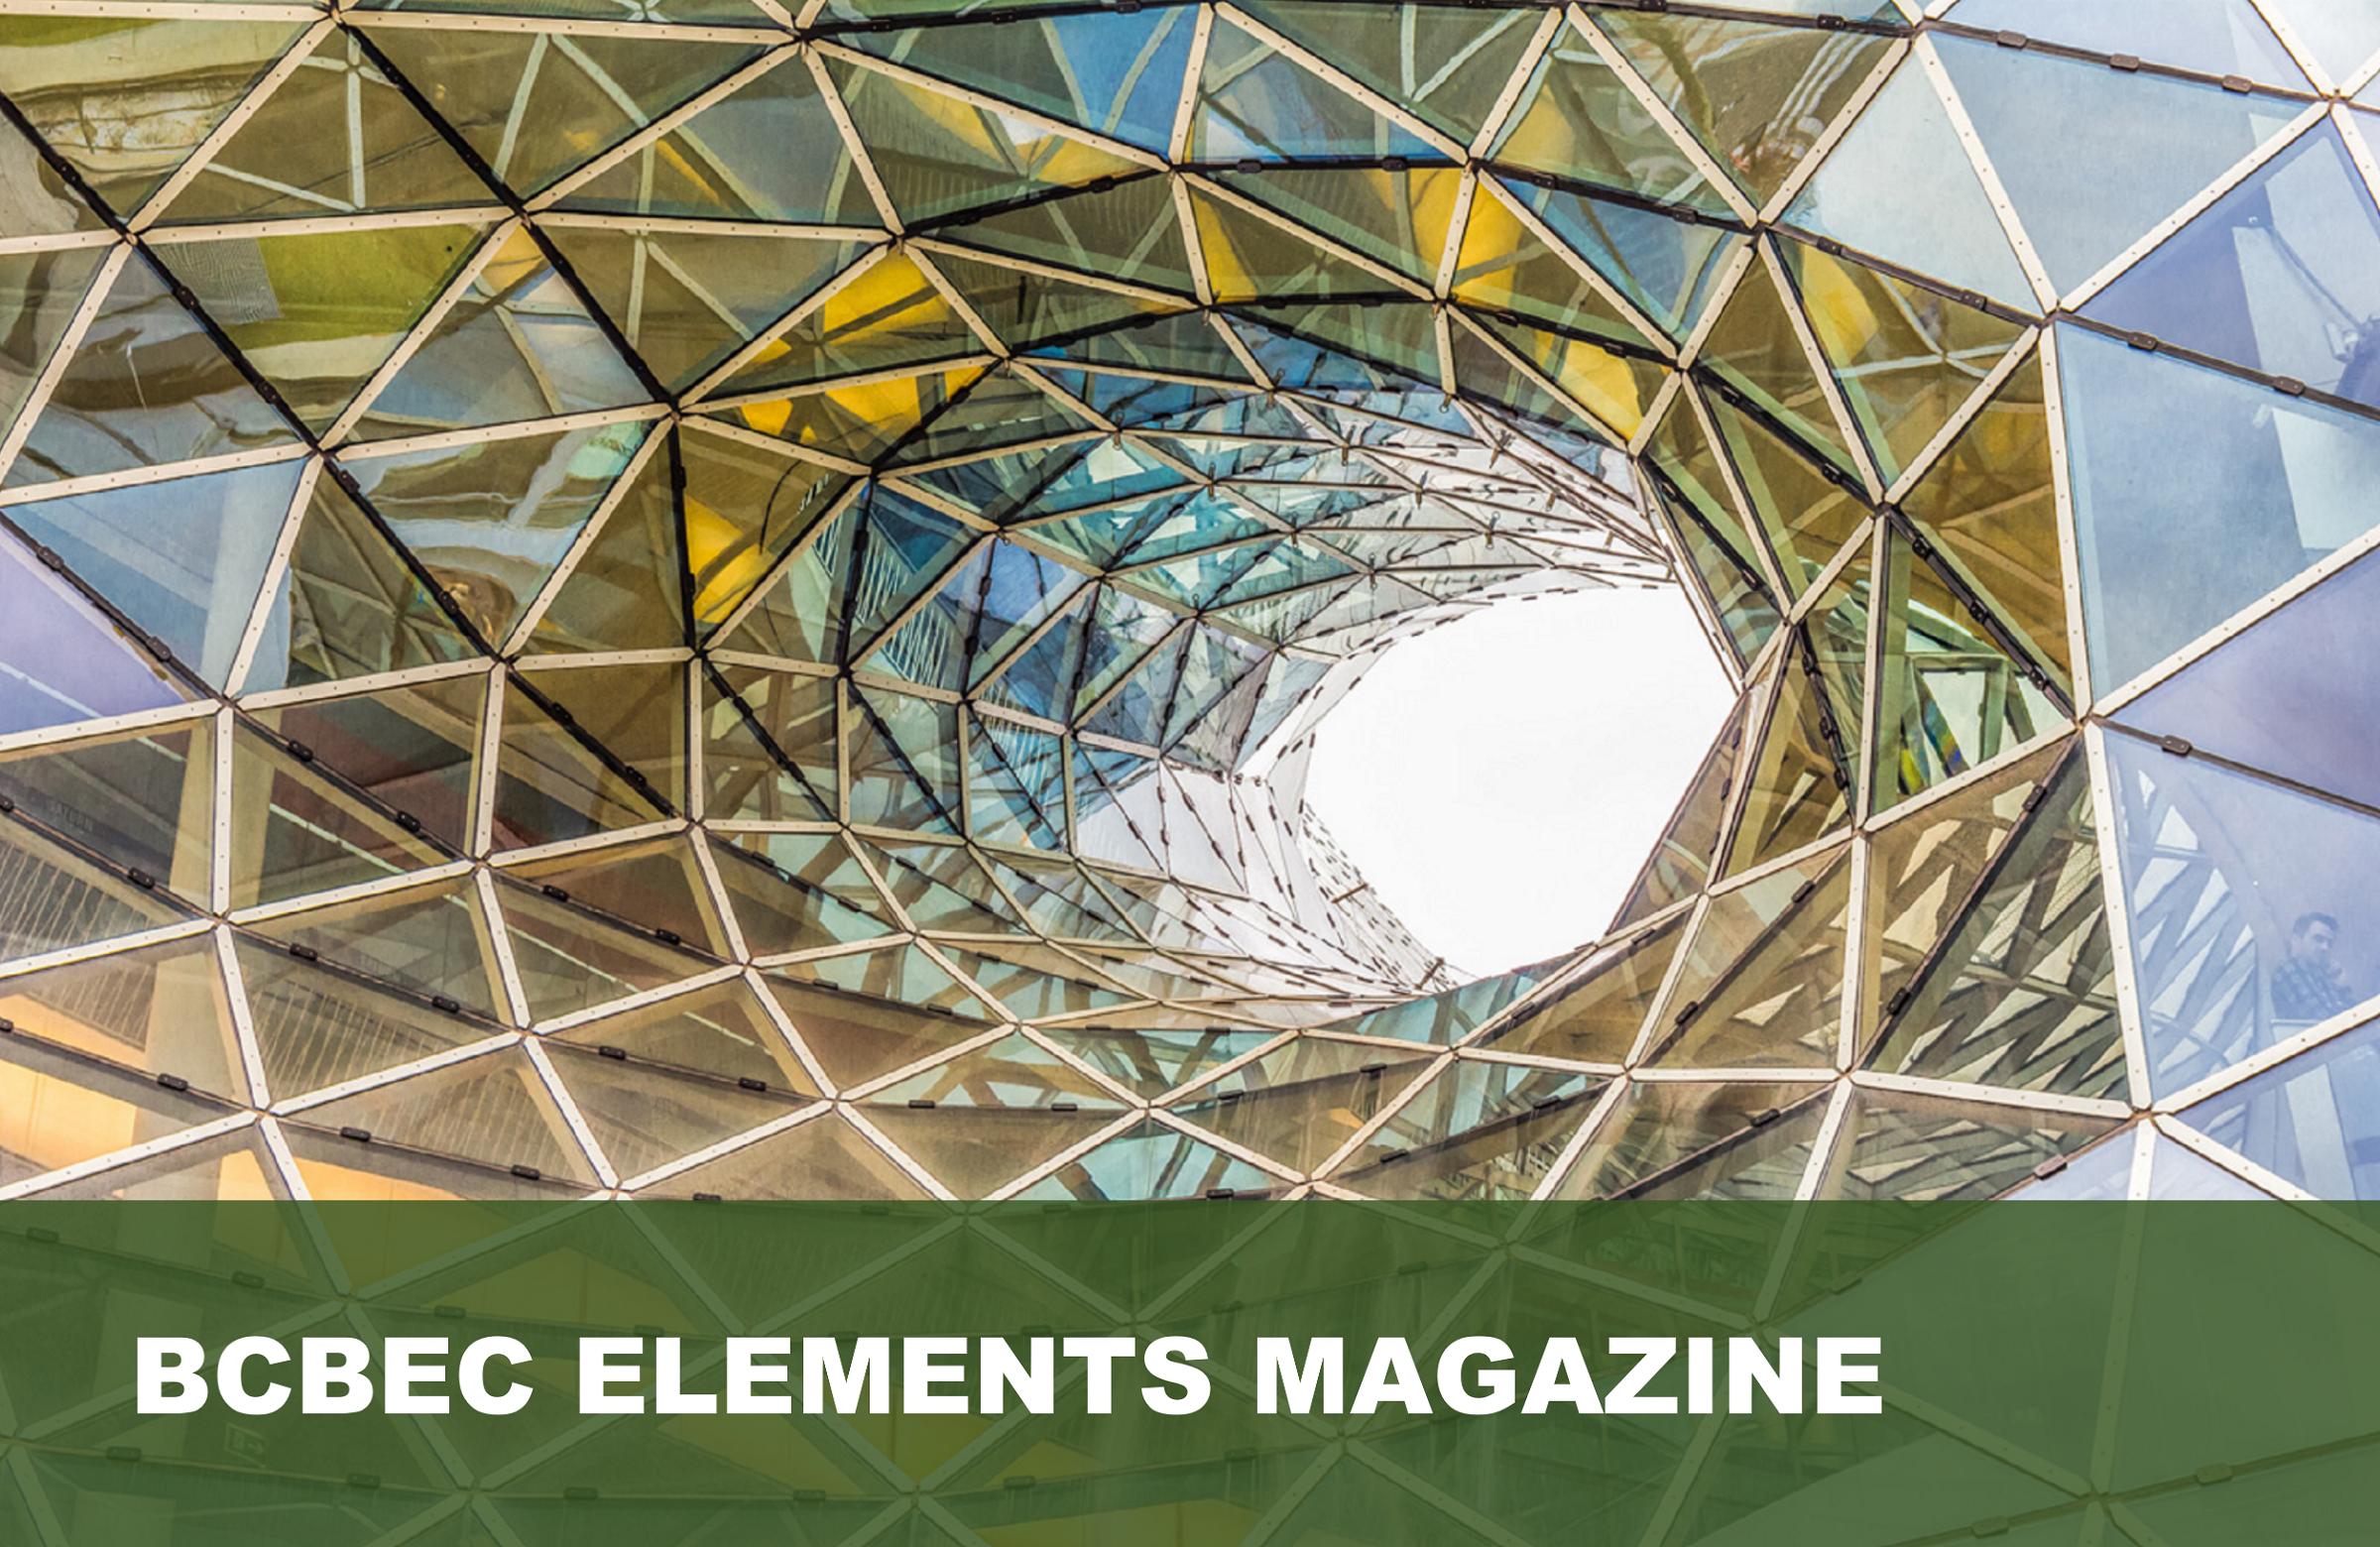 bcbec elements magazine